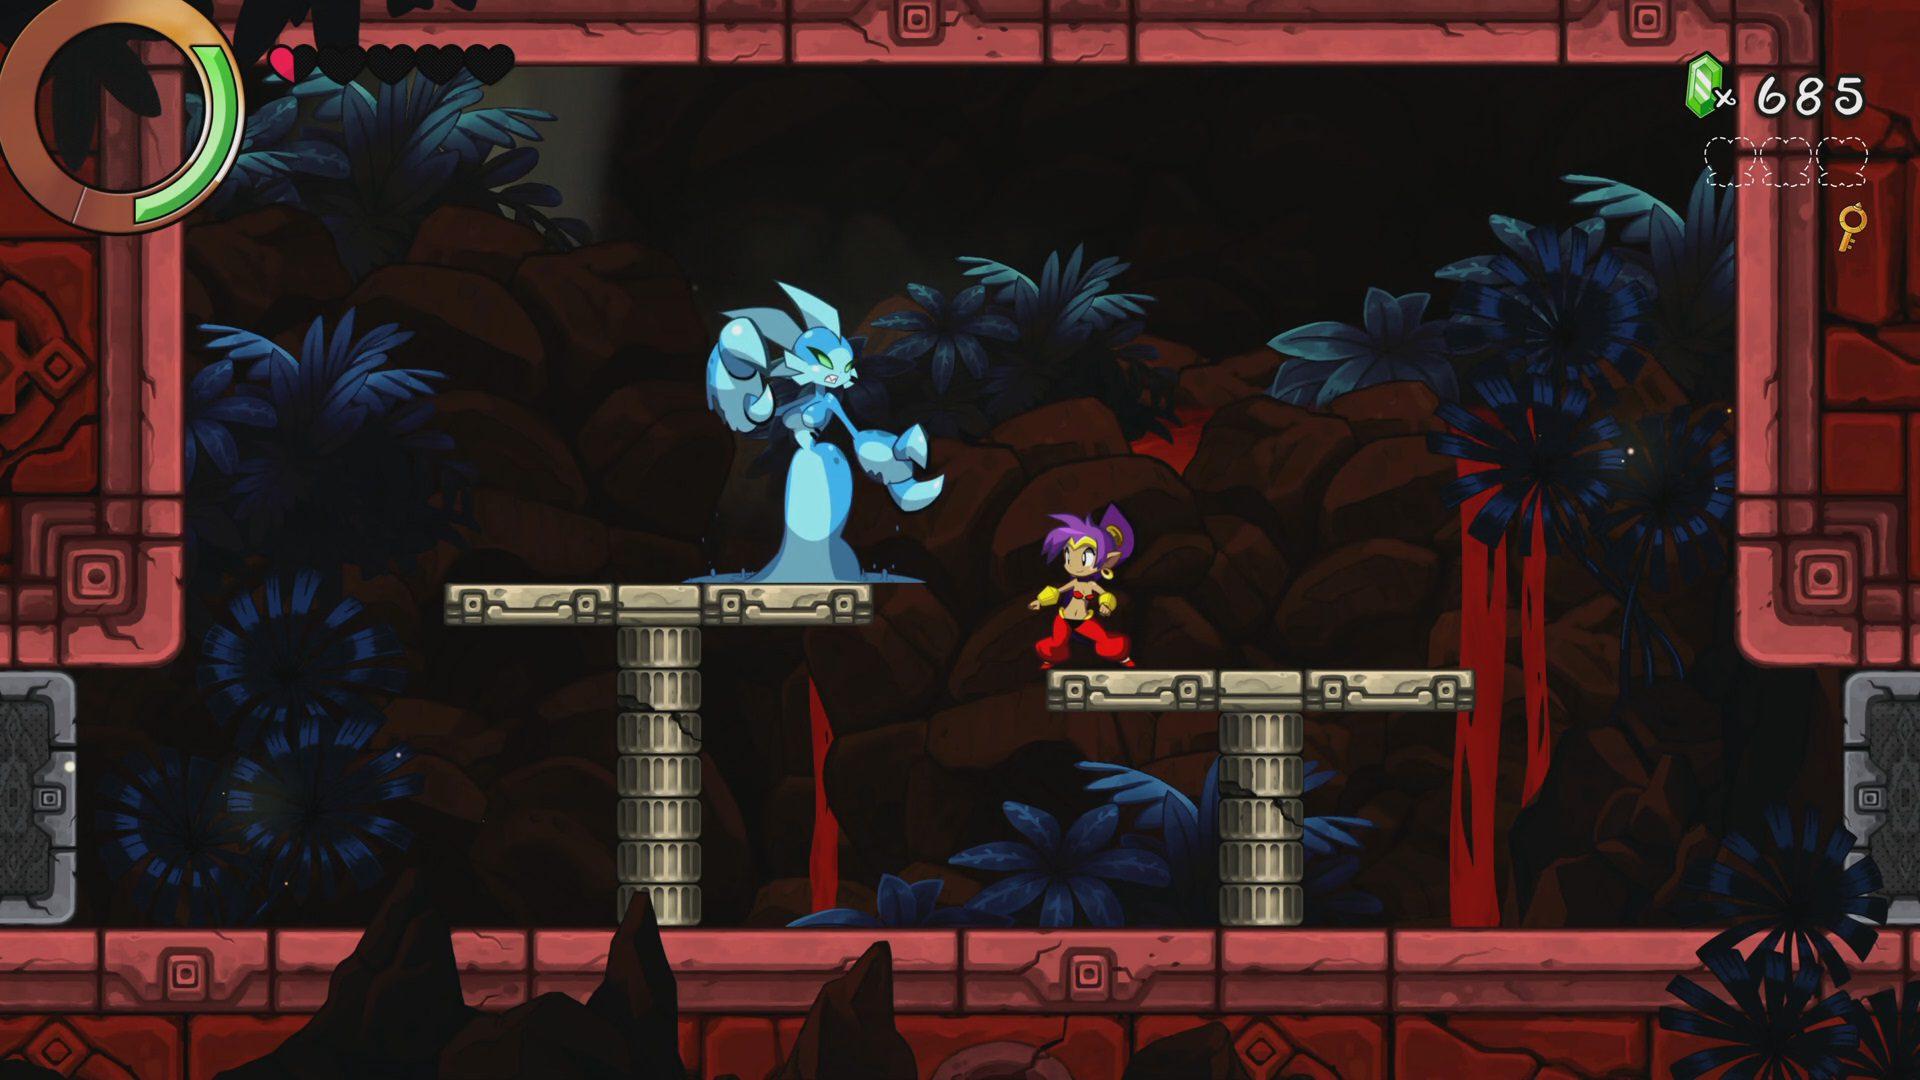 Lucha contra un enemigo Shantae and the Seven Sirens